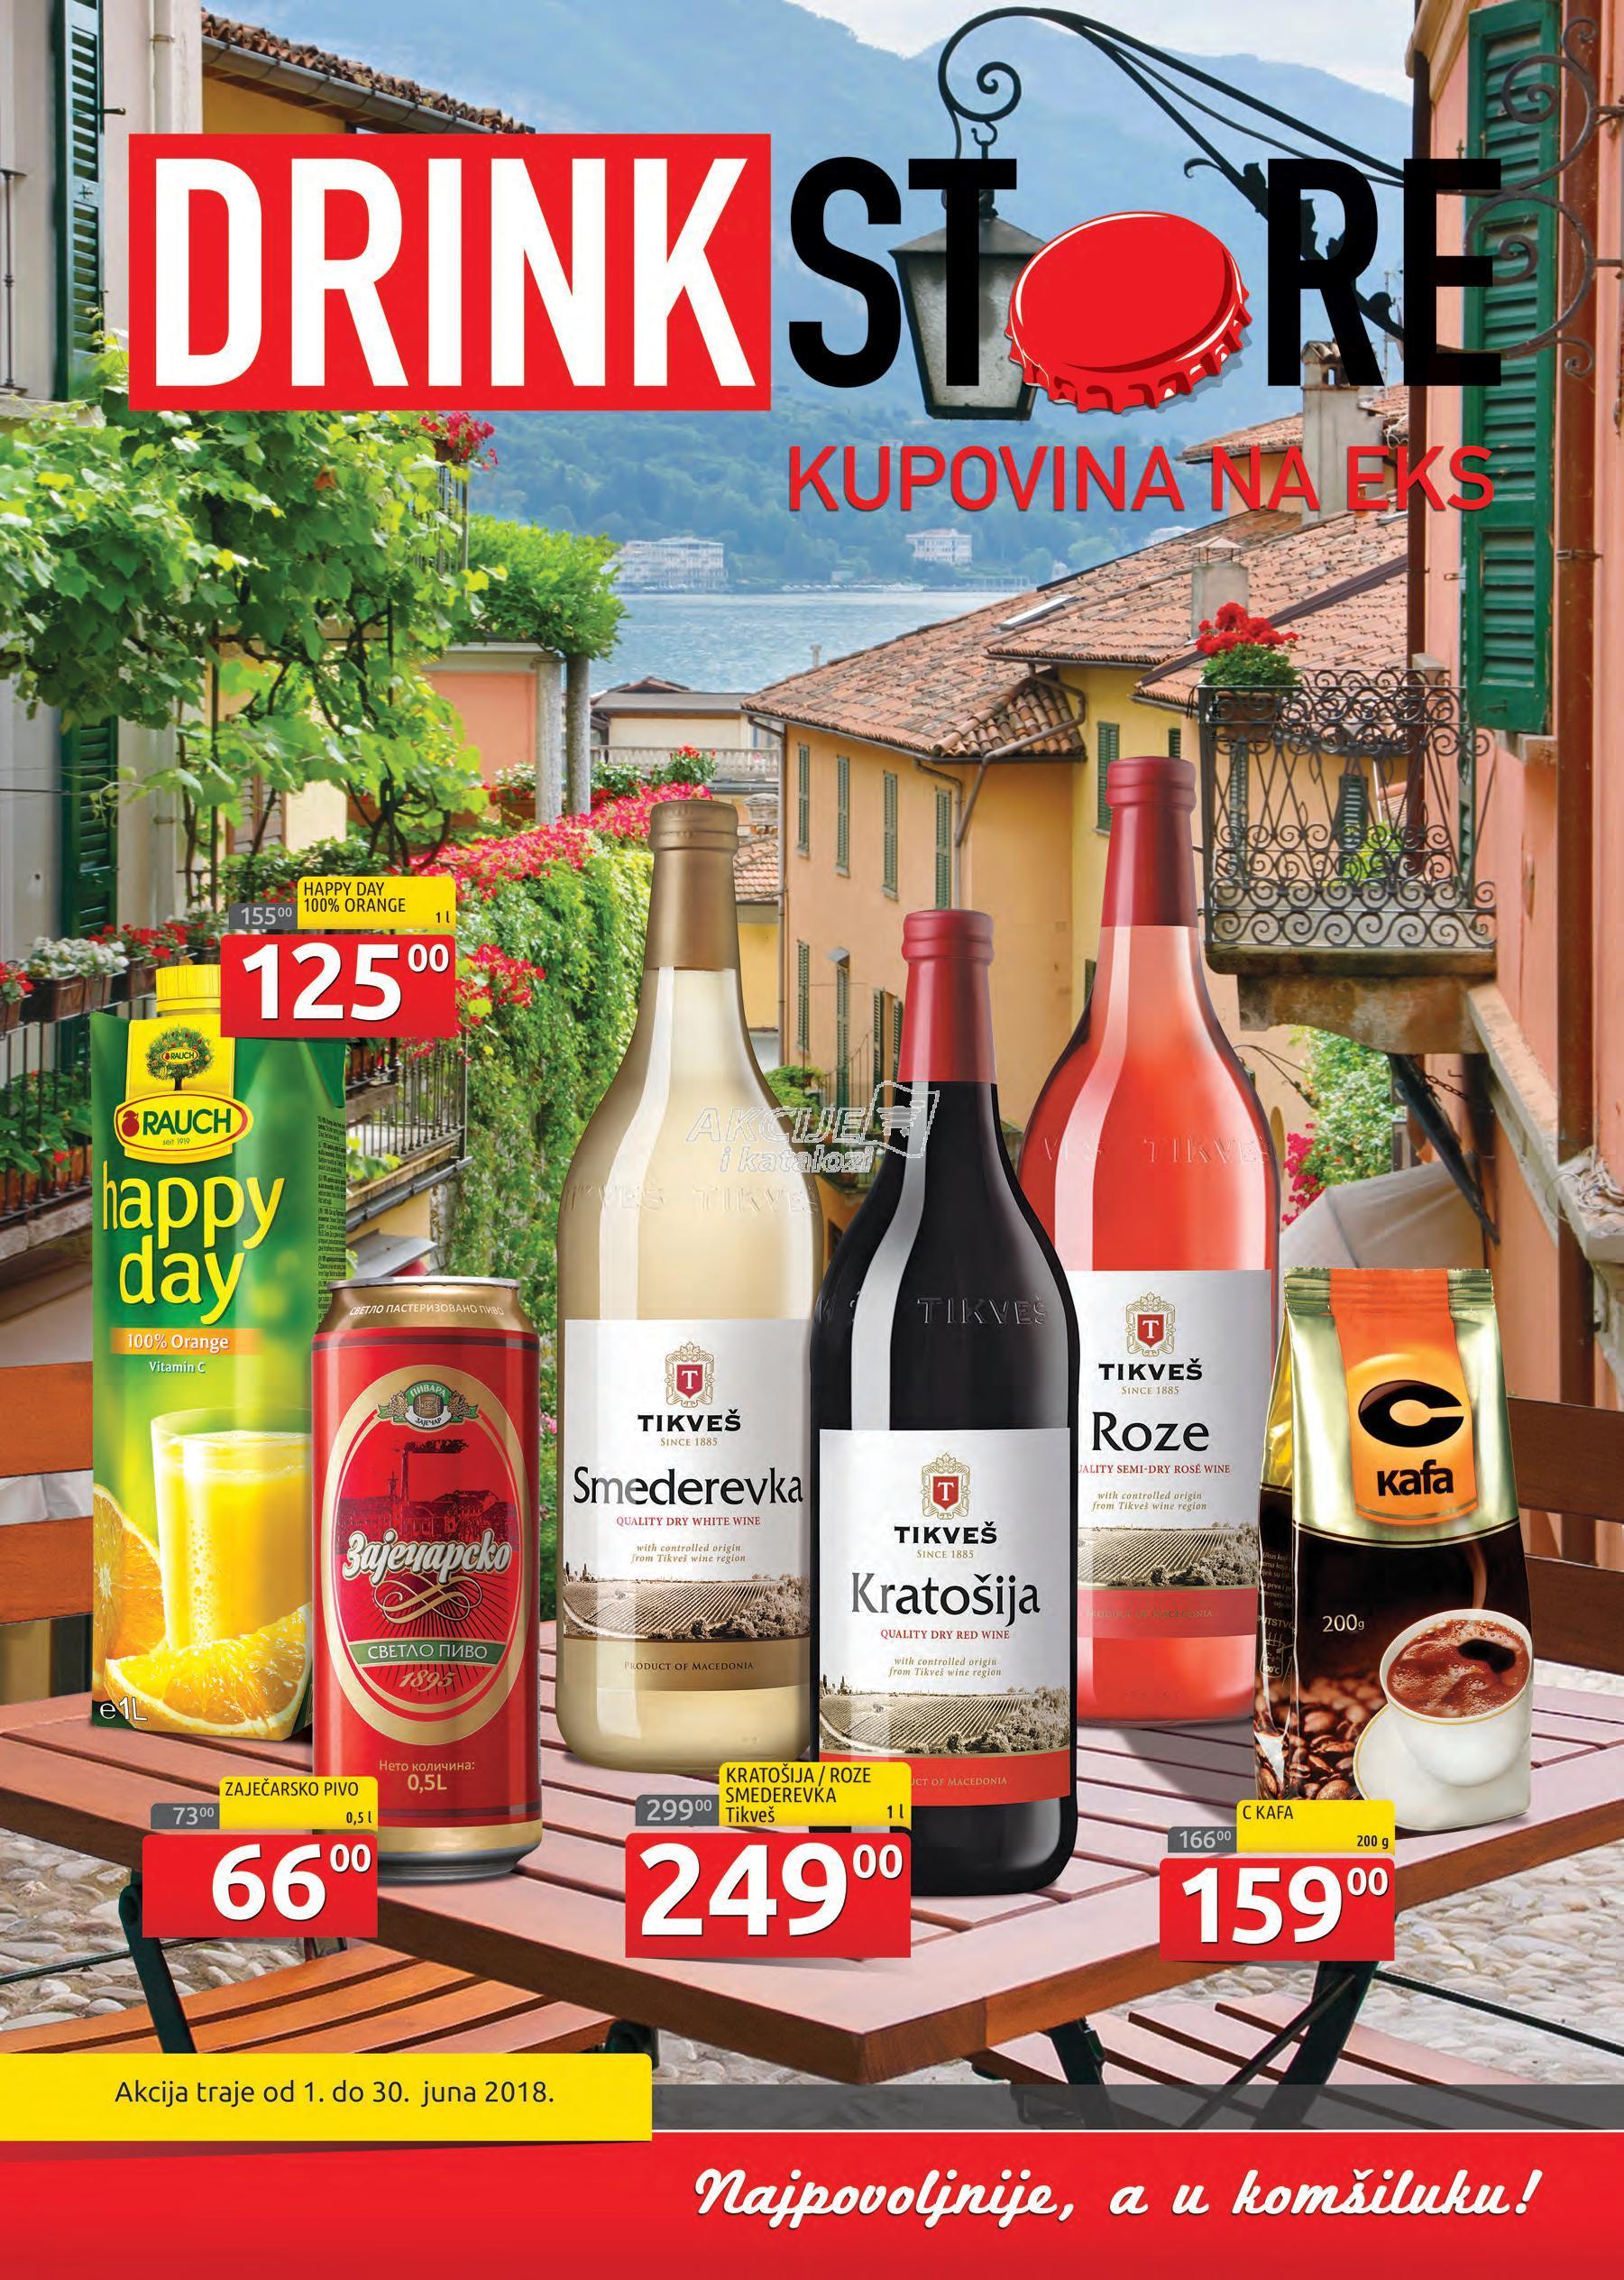 Drink Store akcija super cena